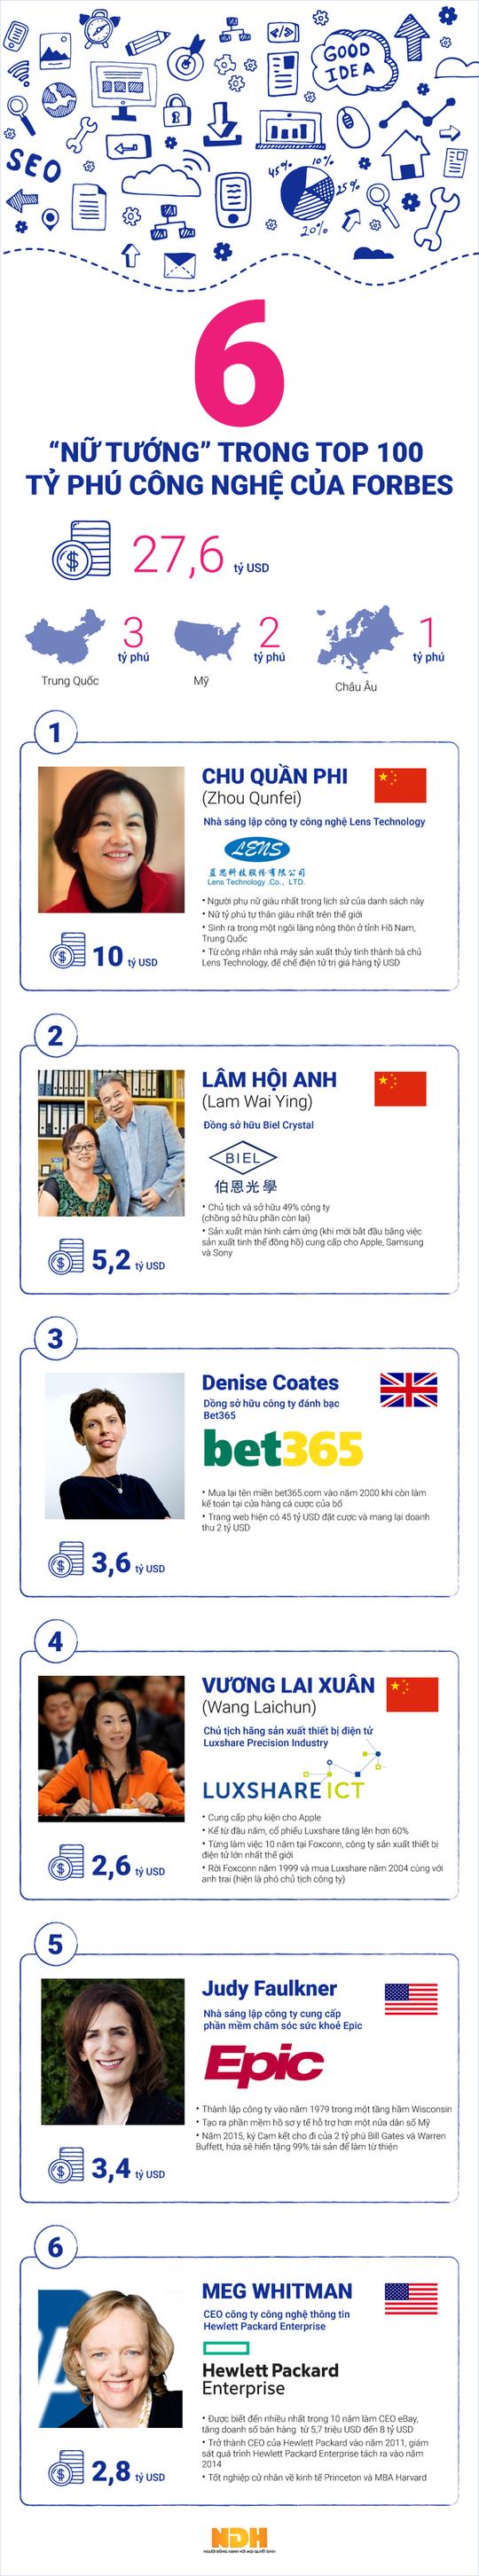 """6 """"nữ tướng"""" trong top 100 tỉ phú công nghệ của Forbes là ai? - Ảnh 1."""